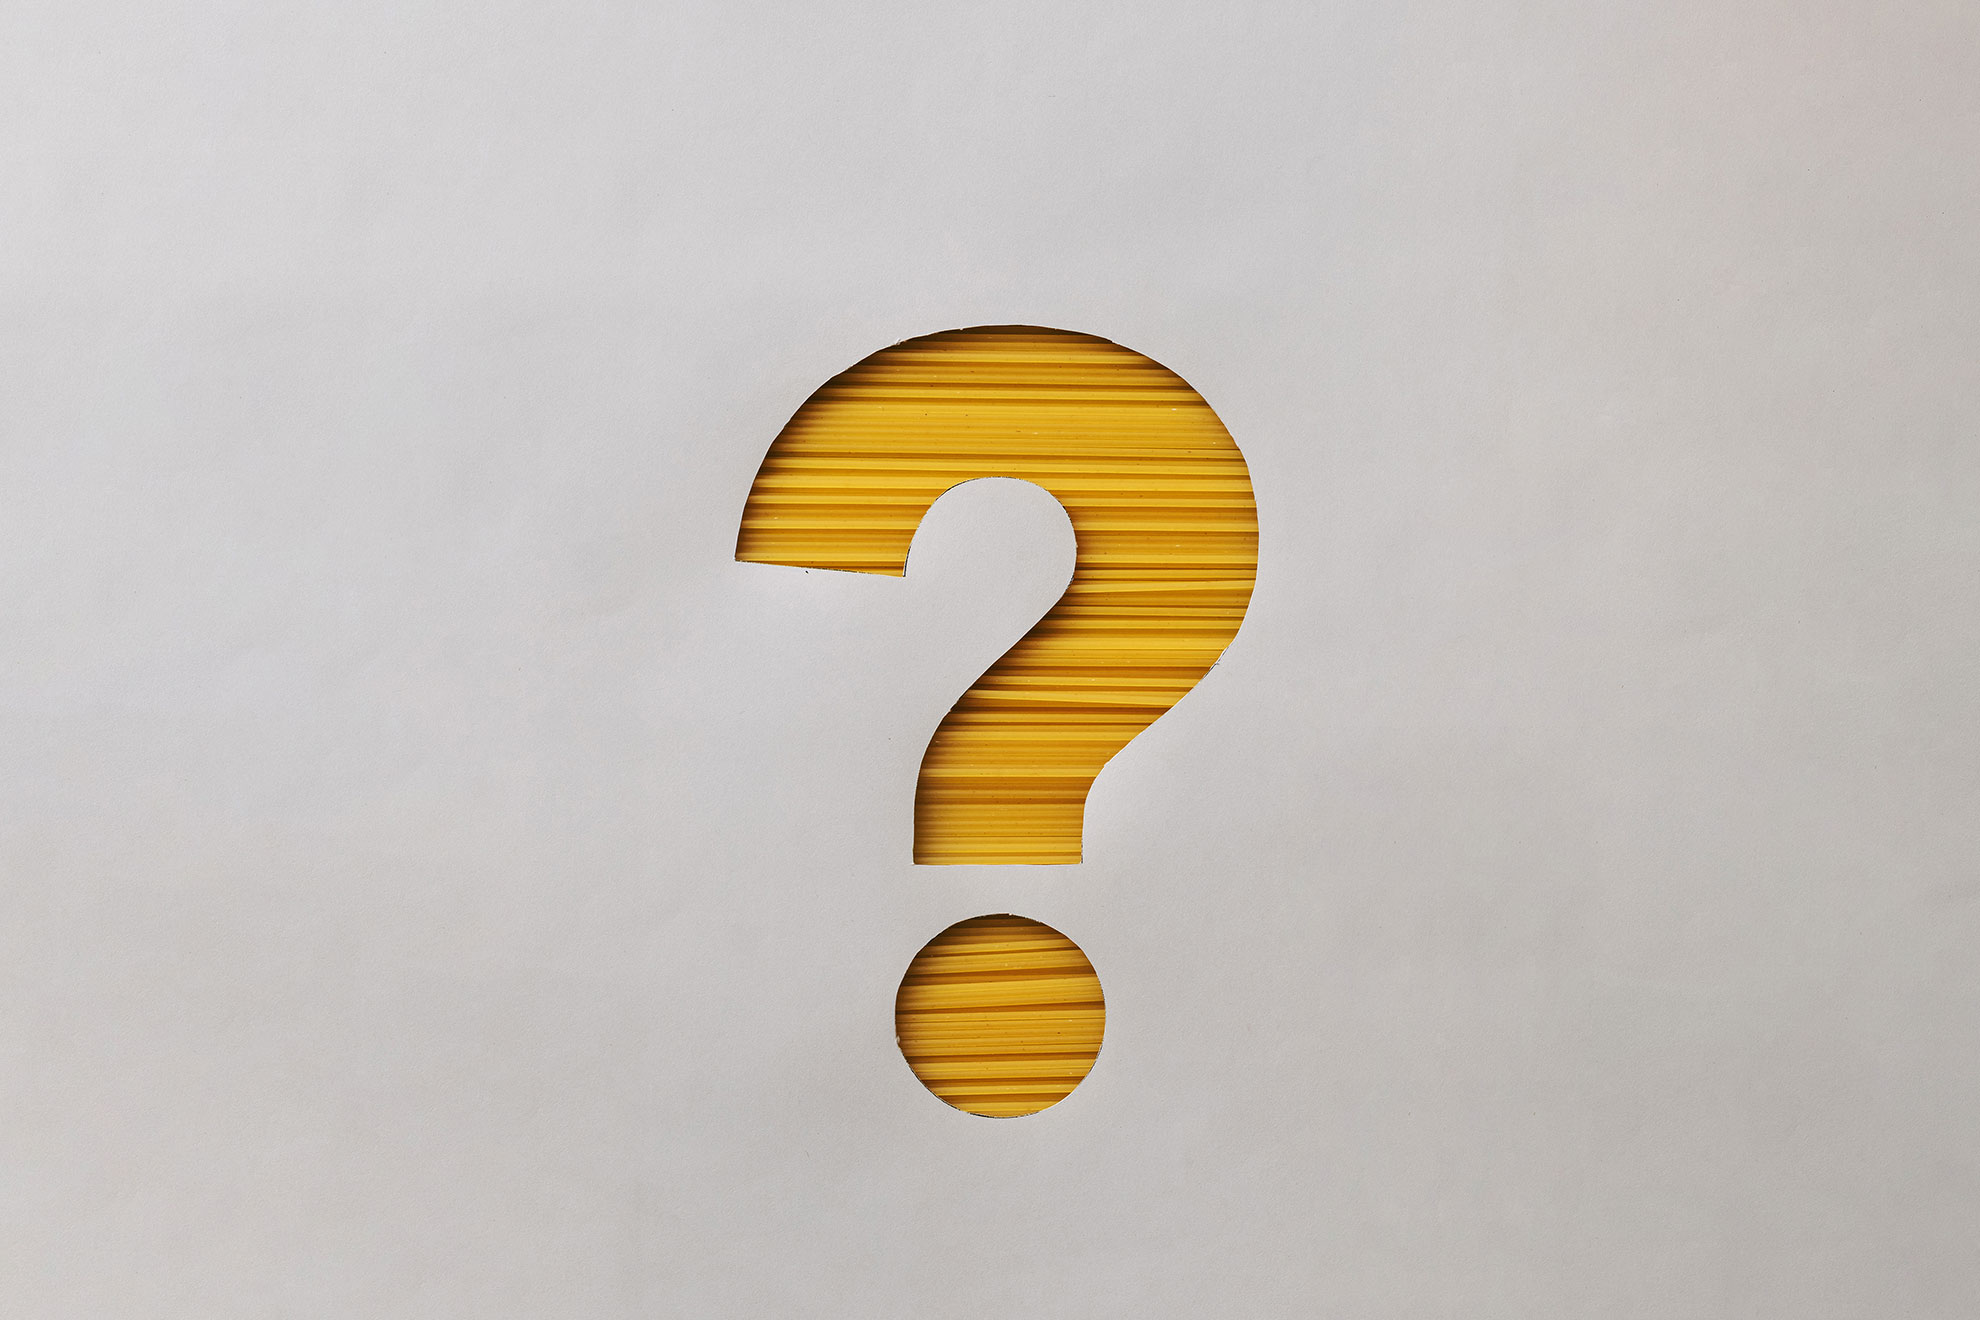 Znak zapytania, ilustracja do artykułu